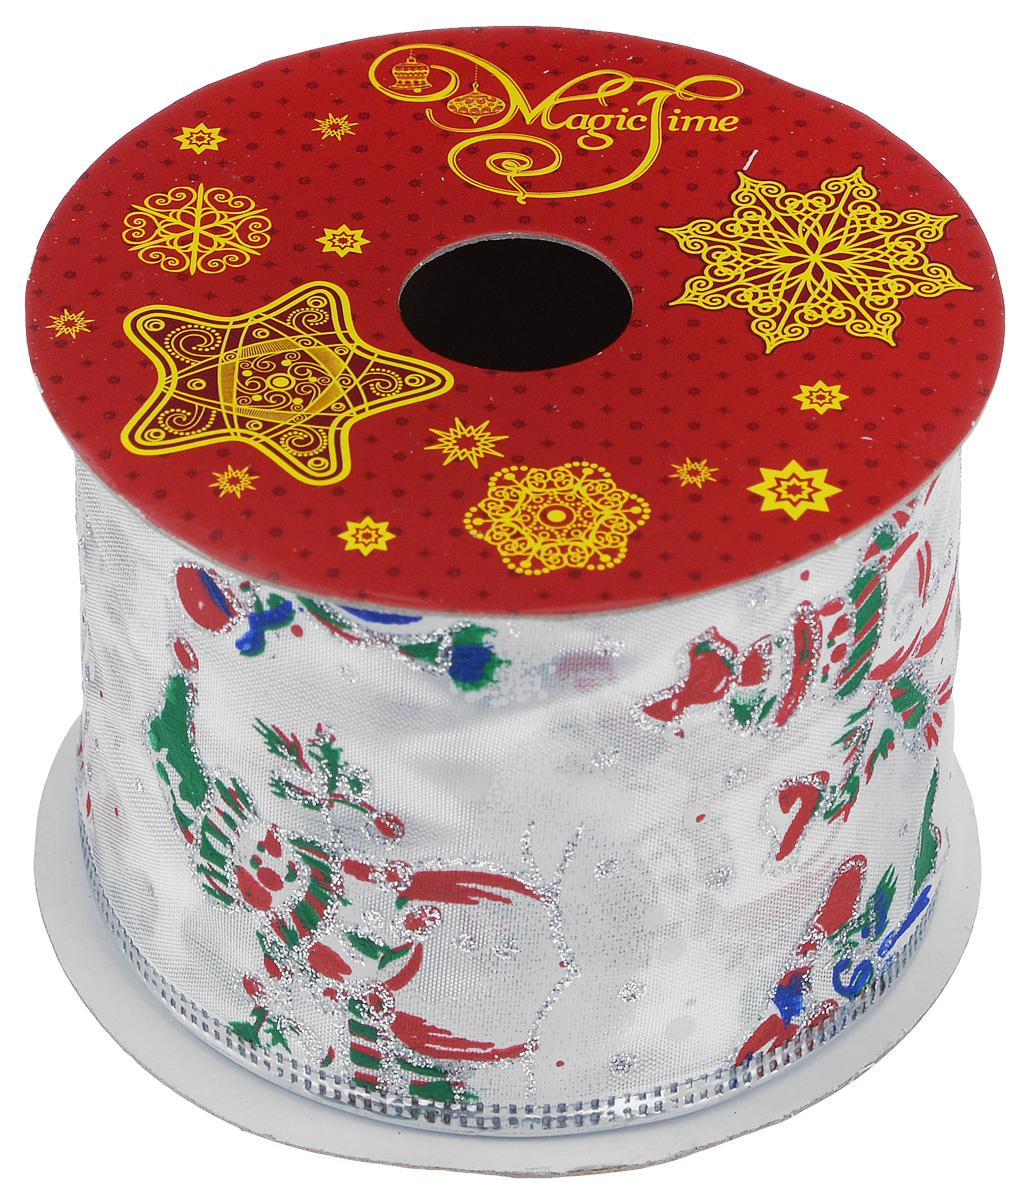 Декоративная лента Феникс-презент Magic Time, цвет: красный, белый, длина 2,7 м. 389034610009211015Декоративная лента Феникс-презент Magic Time выполнена из полиэстера и декорирована изображением снеговиков. В края ленты вставлена проволока, благодаря чему ее легко фиксировать. Лента предназначена для оформления подарочных коробок, пакетов. Кроме того, декоративная лента с успехом применяется для художественного оформления витрин, праздничного оформления помещений, изготовления искусственных цветов. Декоративная лента украсит интерьер вашего дома к праздникам.Ширина ленты: 6,3 см.